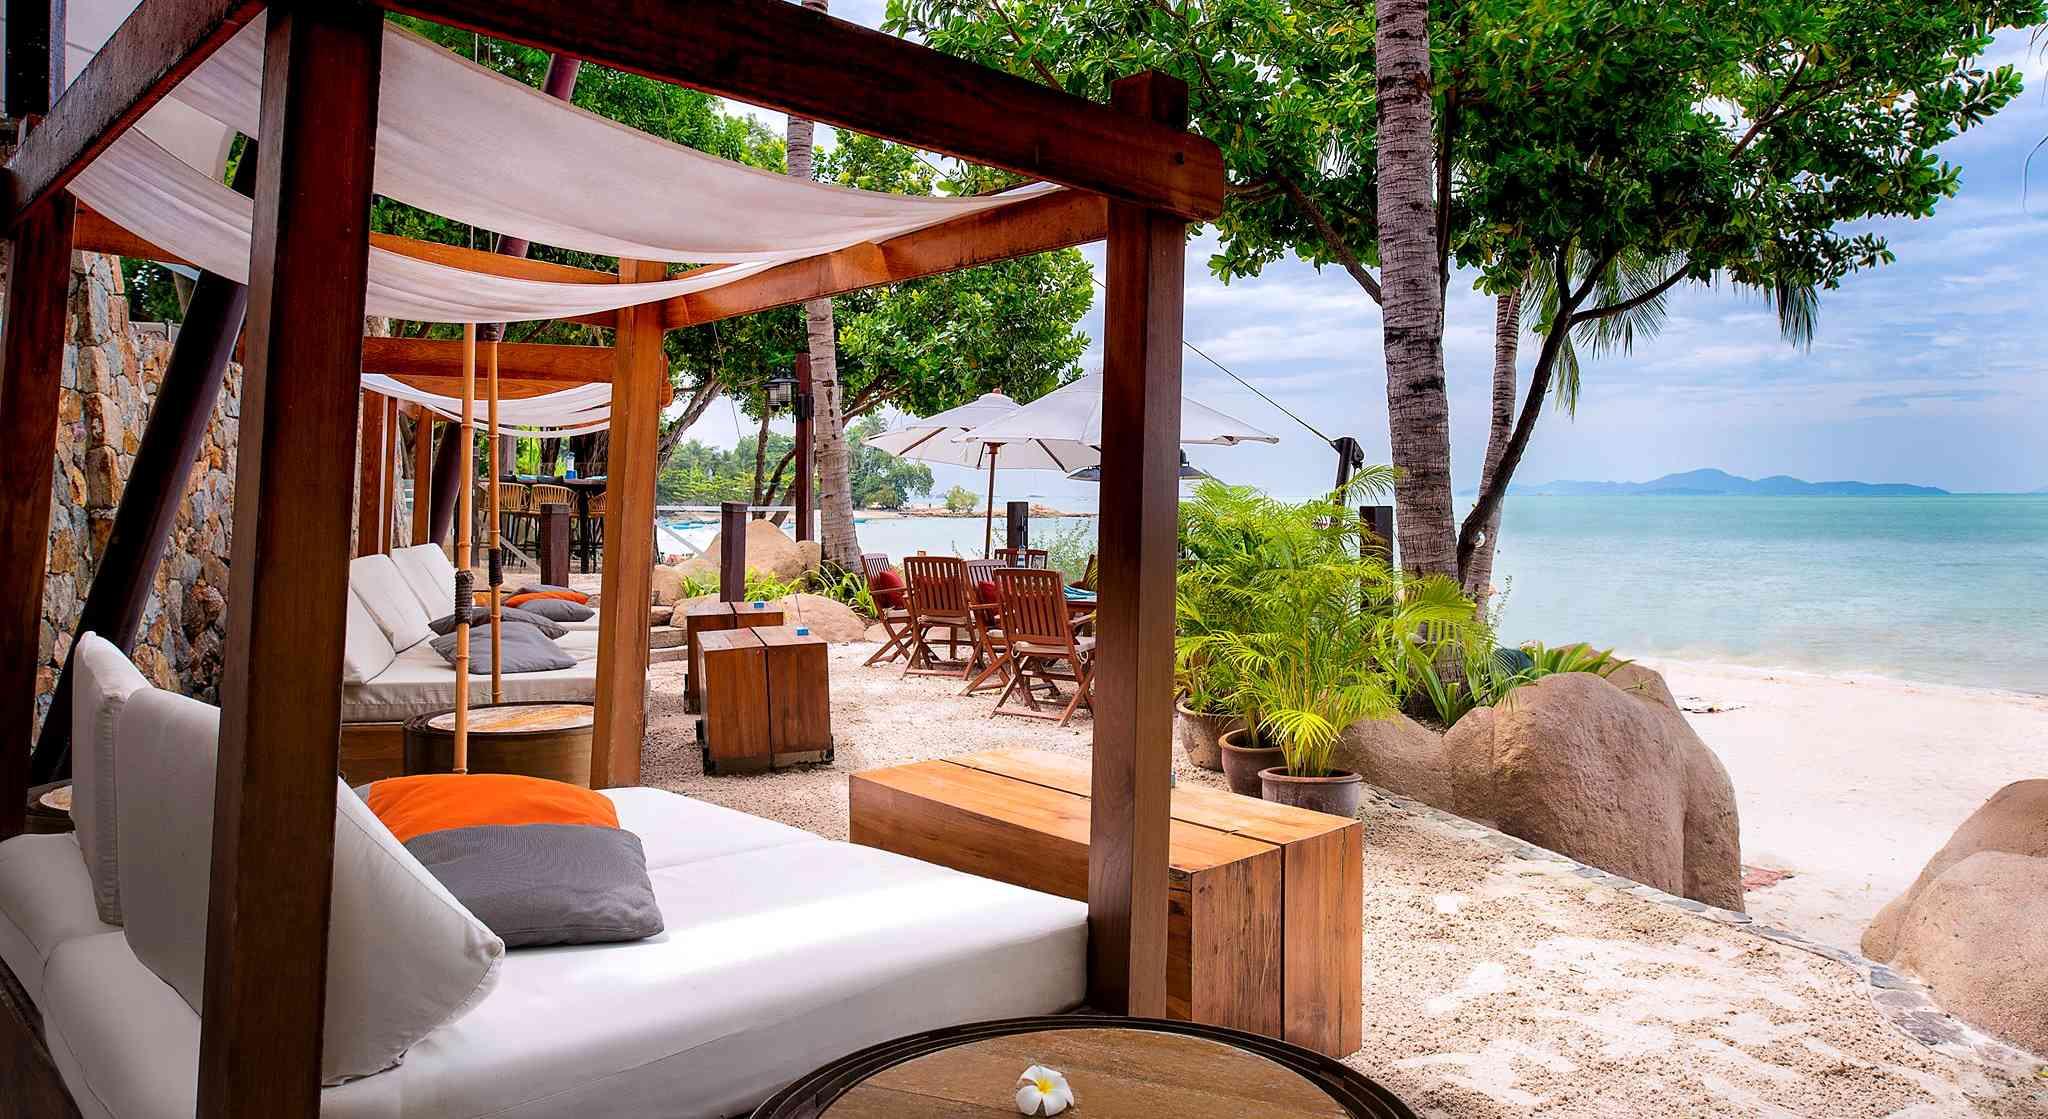 luxe hotel met ligbedjes aan het strand van Pattaya